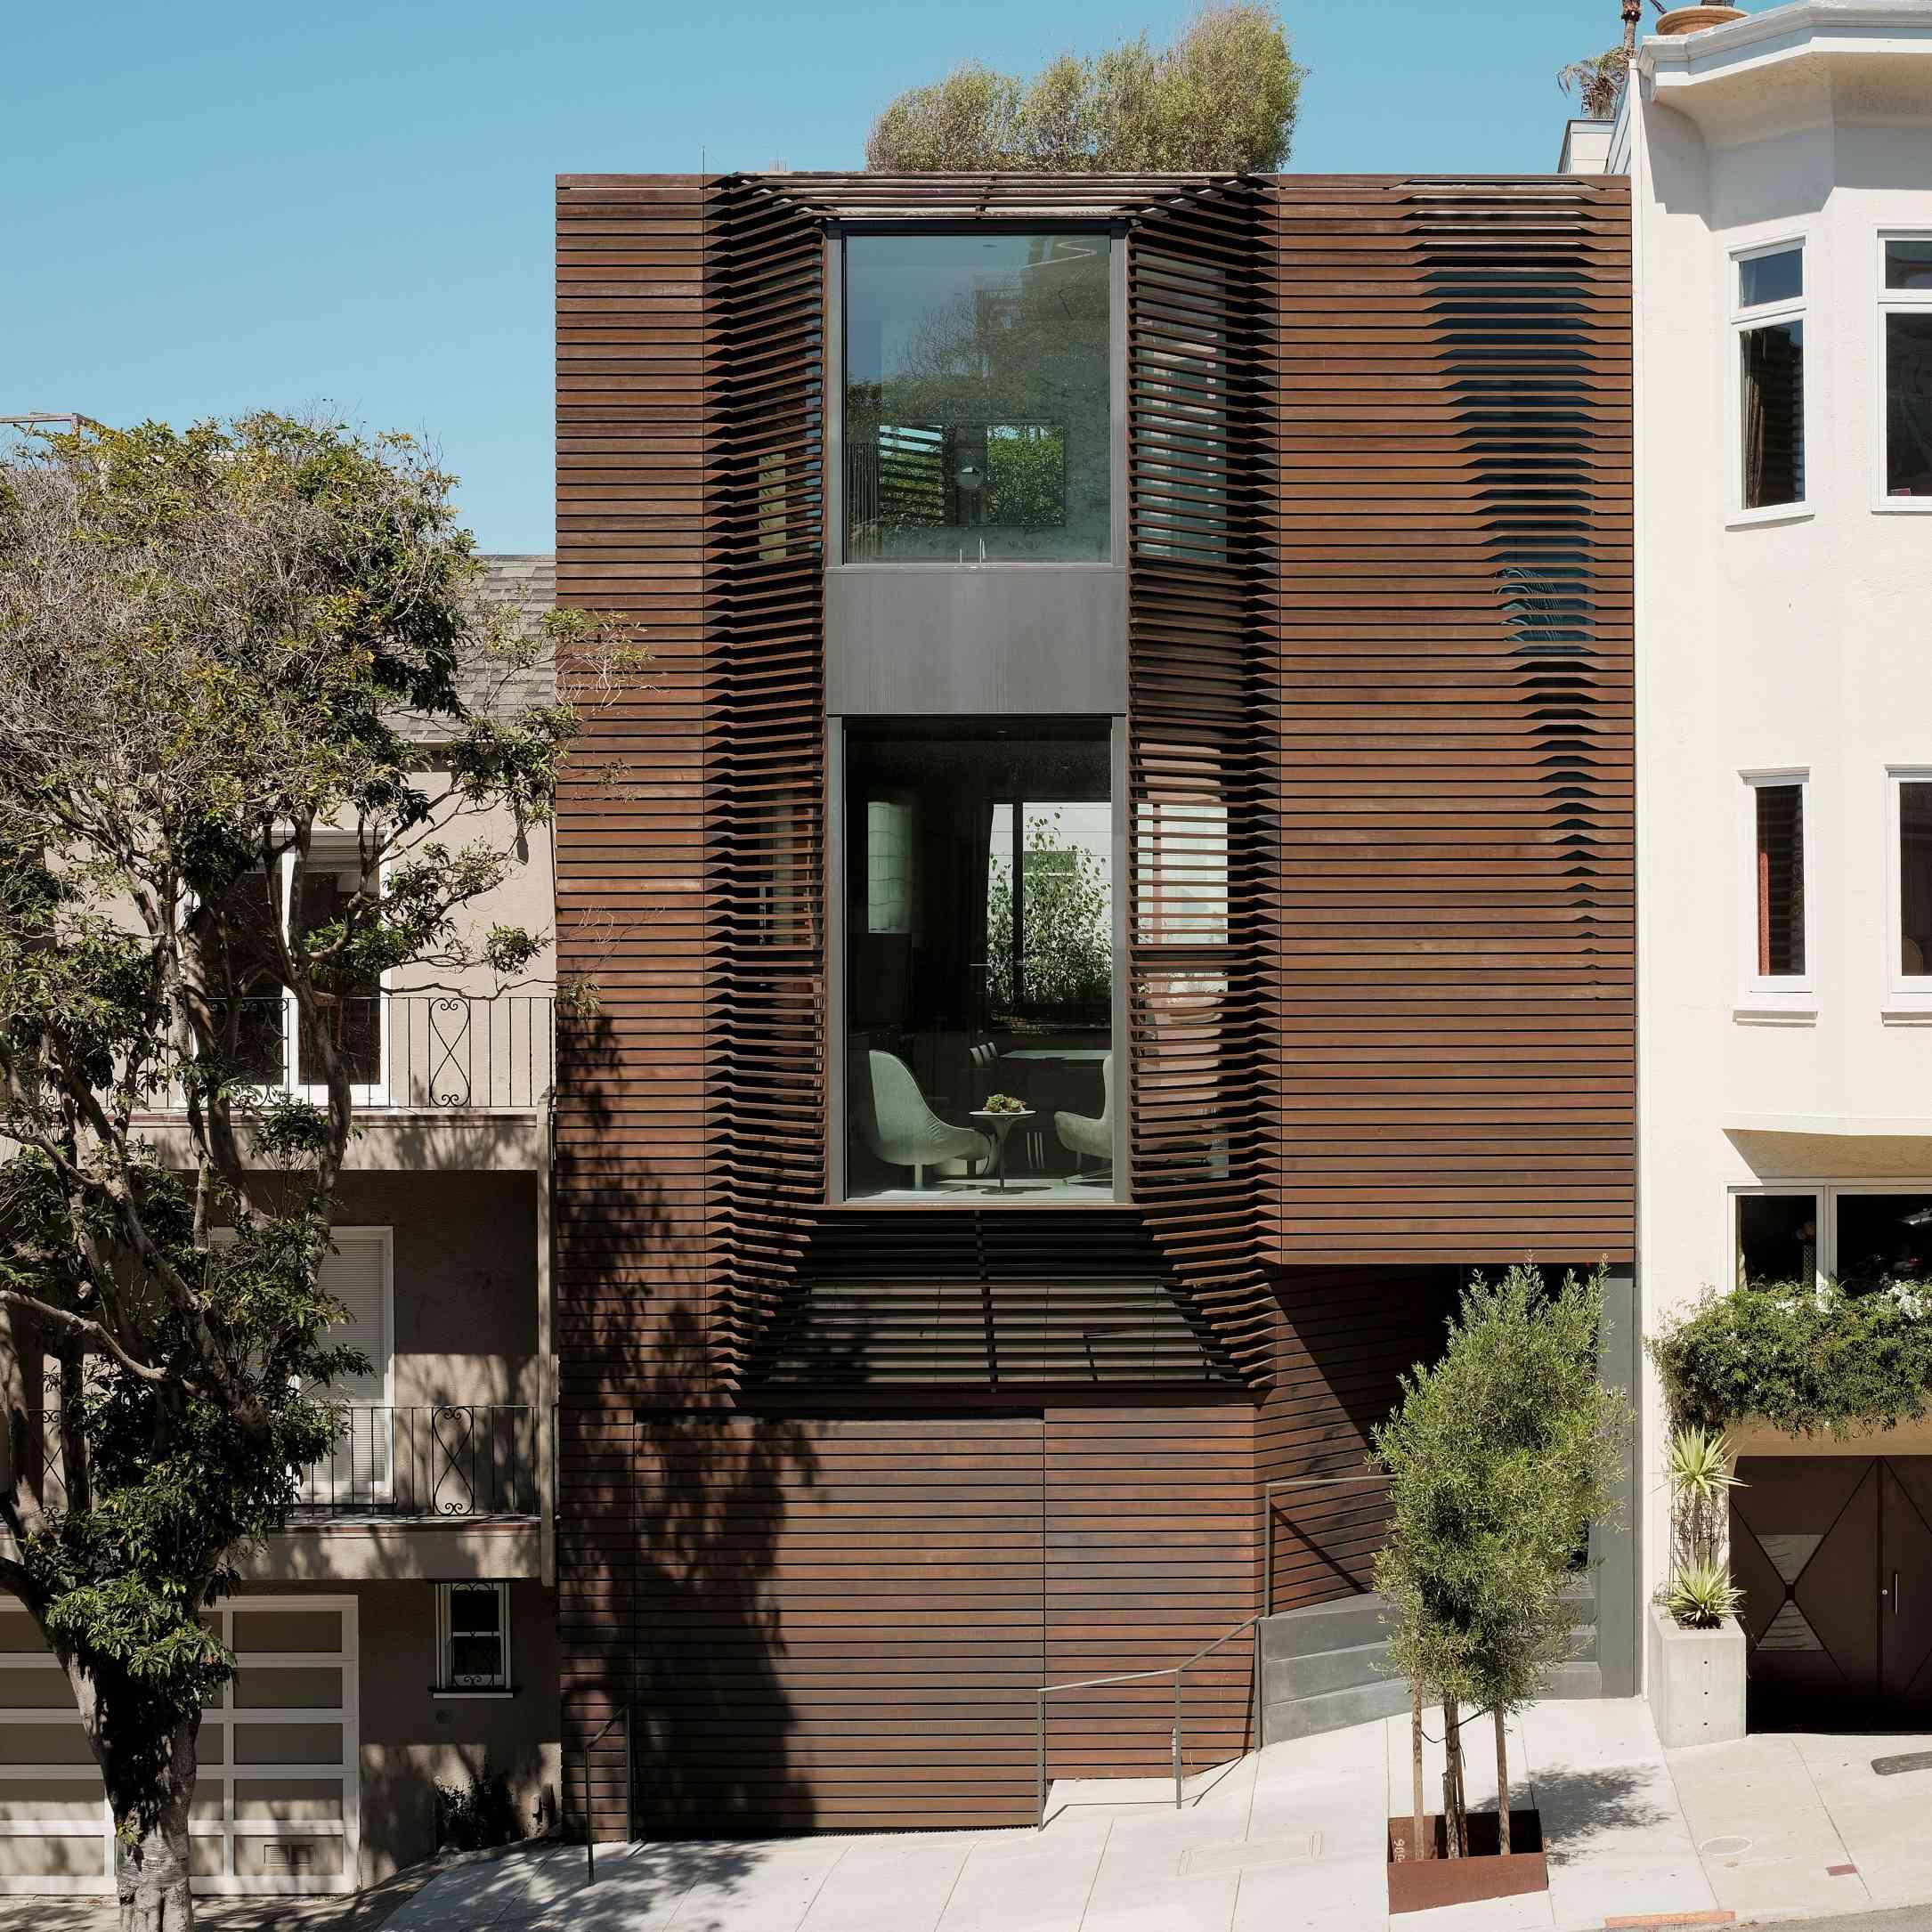 Contemporary row house